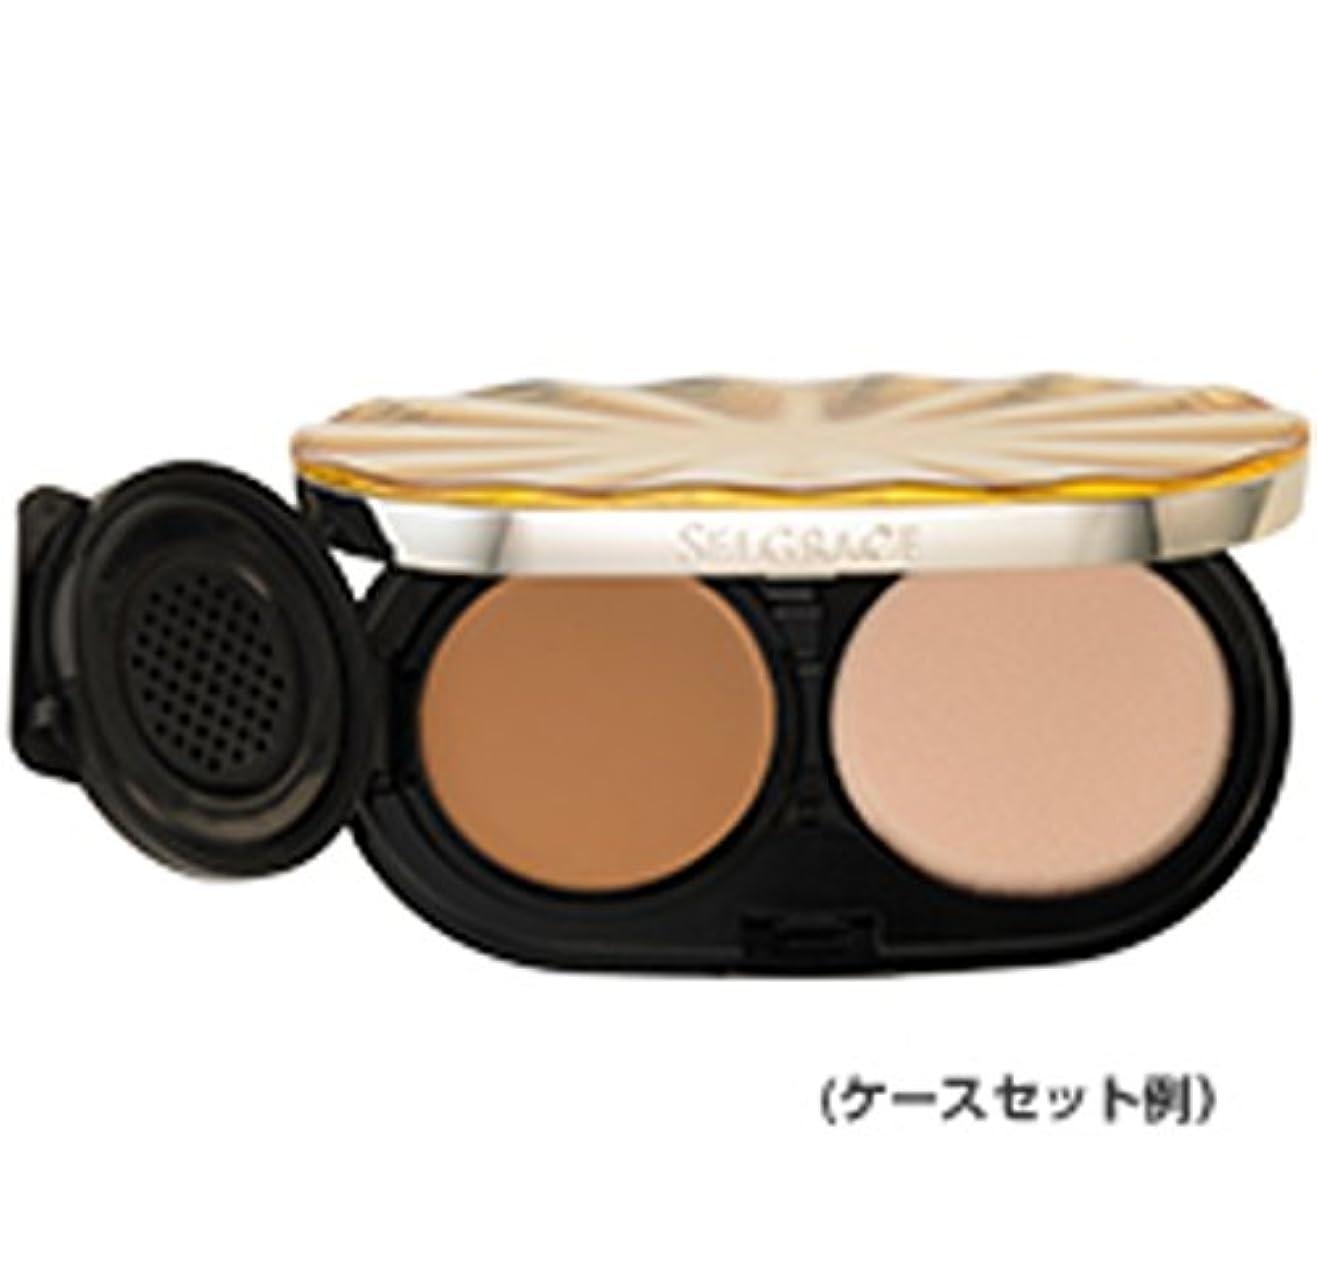 牽引ありふれた期限ナリス化粧品 セルグレース ベースインパクト ファンデーション 130 ライトピンクベージュ レフィル (スポンジ付き)